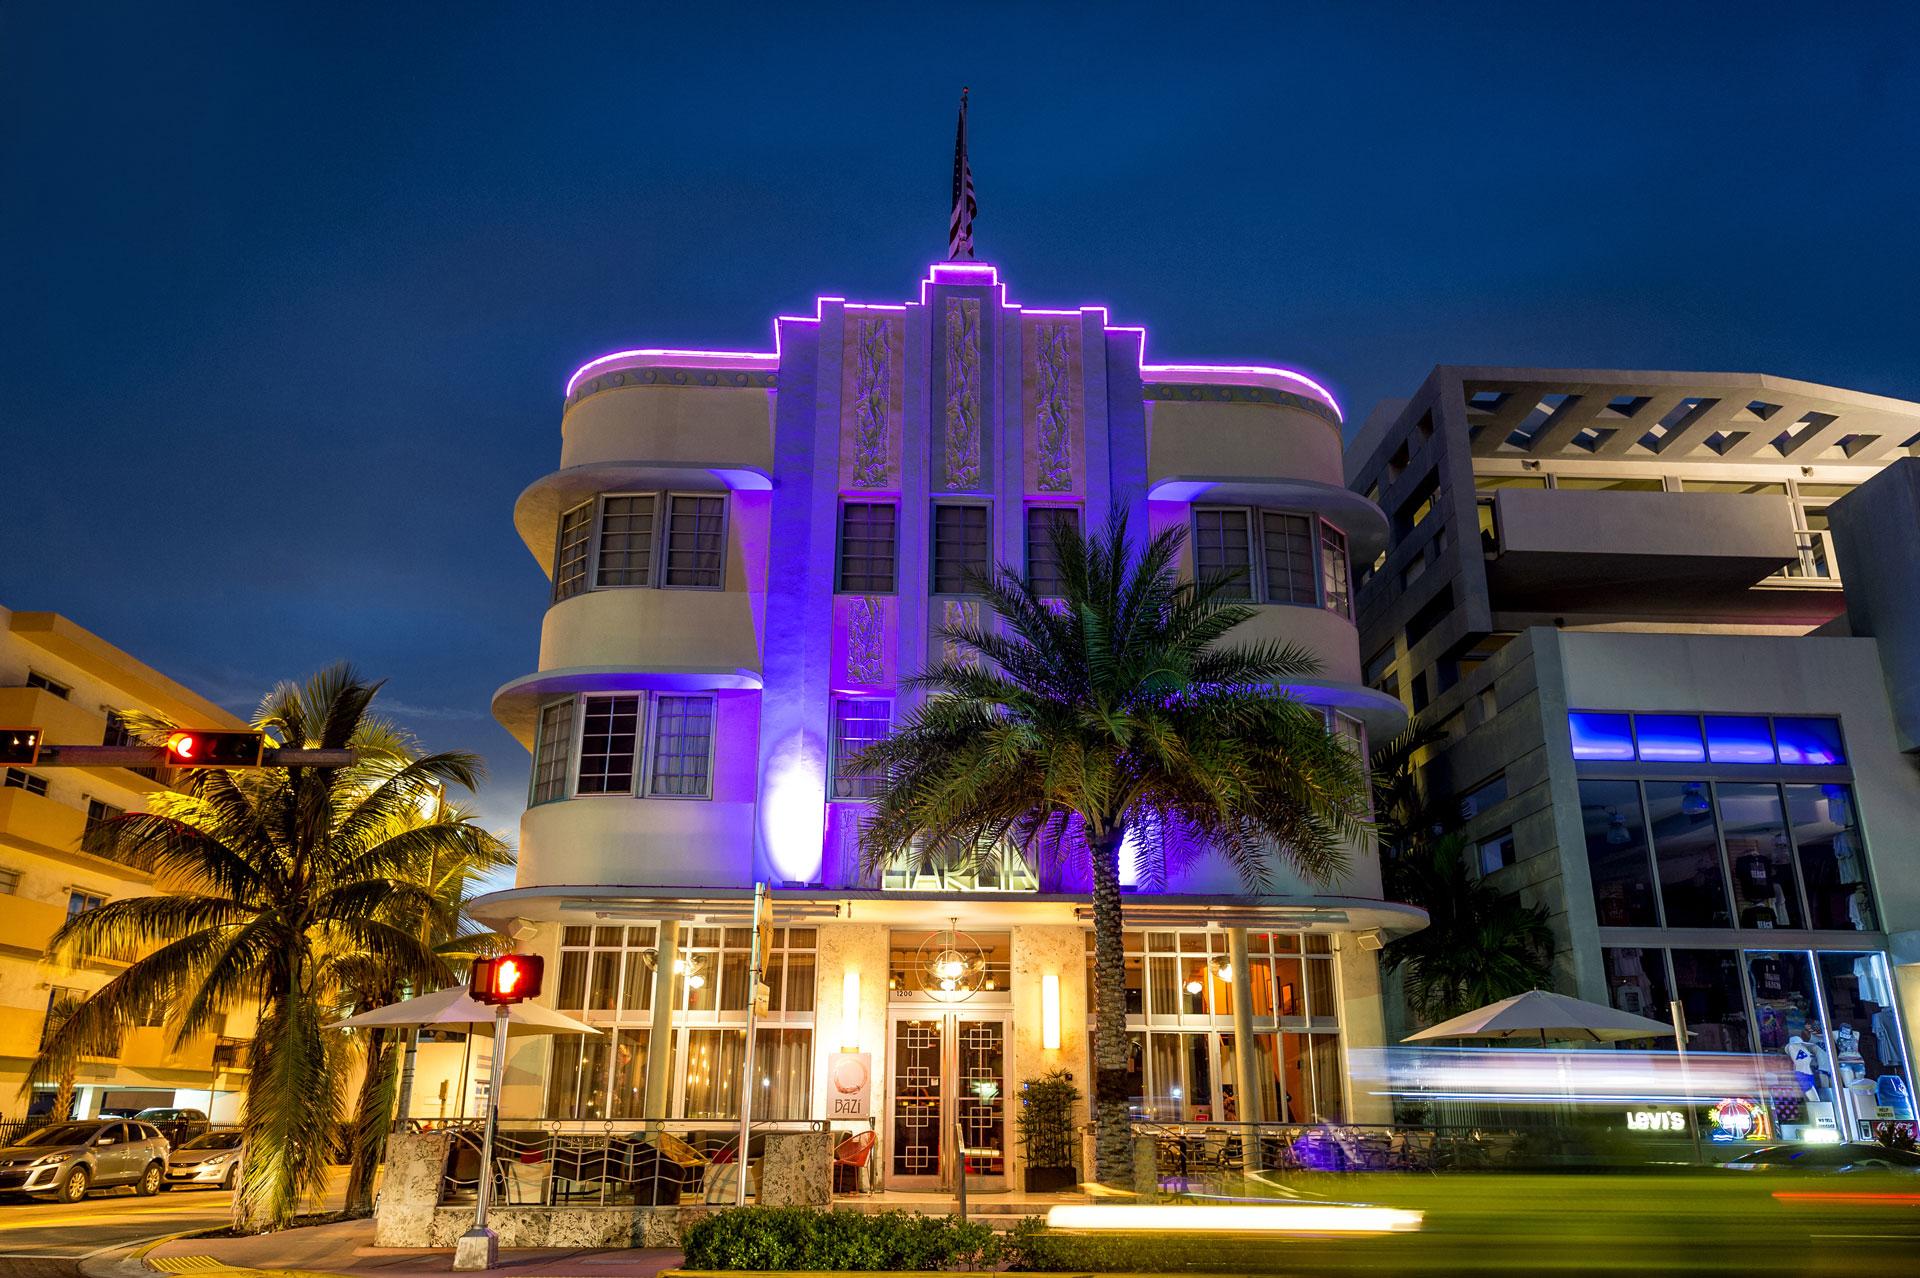 Marlin Hotel | foto: divulgação